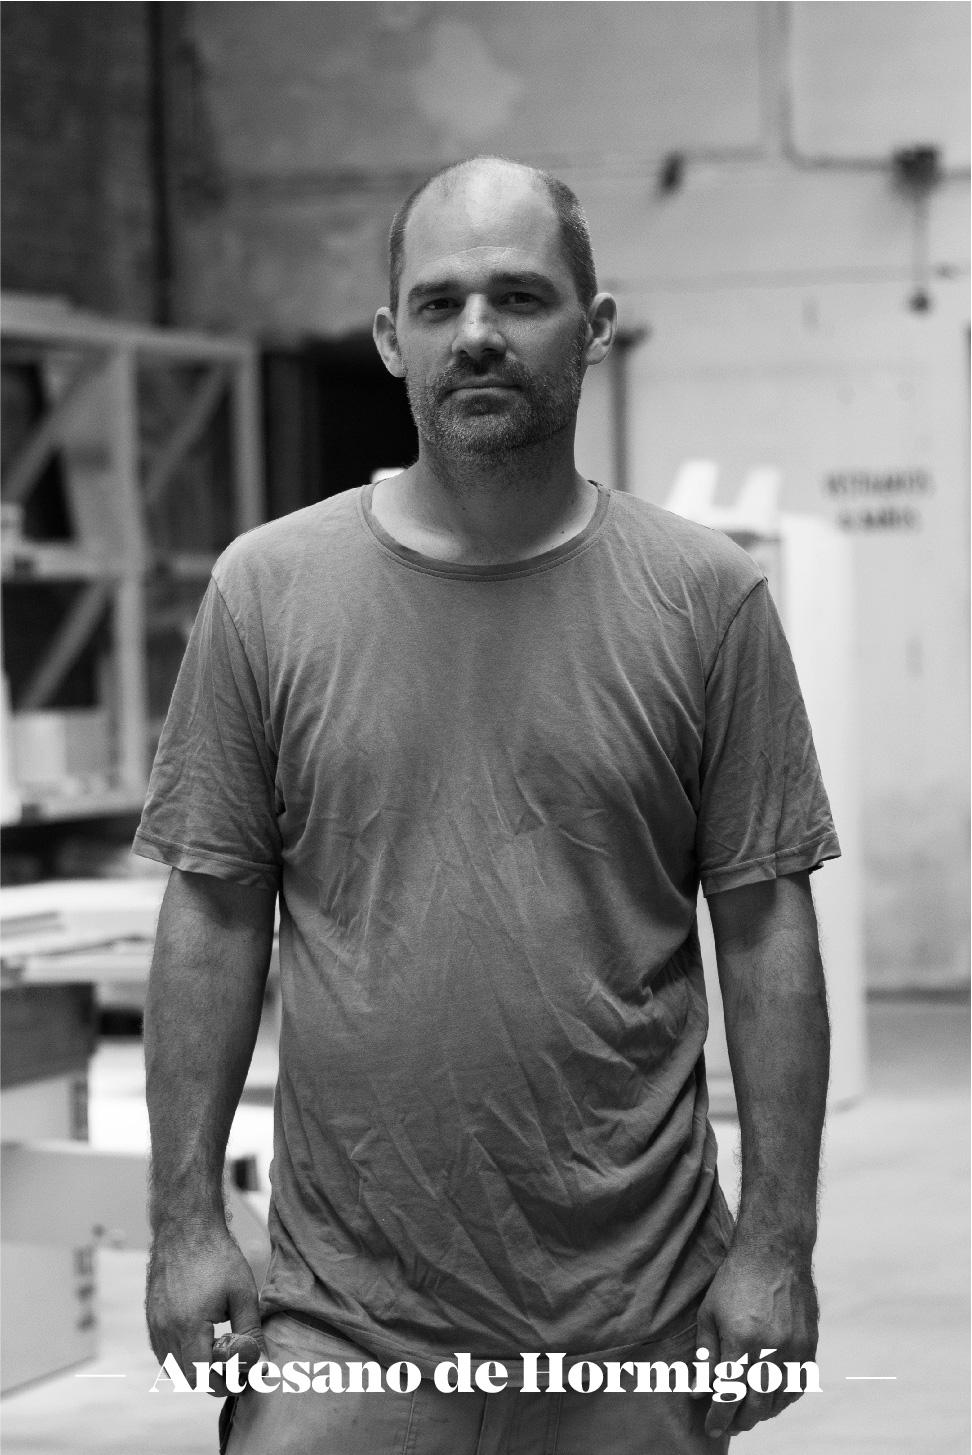 Michael Roschach (artesano de hormigón&arquitecto)  - Socio trabajador y coordinador del taller en TMDC. Su conocimiento es el resultado de años de ensayos, pruebas y proyectos. Siempre está para solucionar cualquier duda de nuestros miembros y mantener el taller en orden.